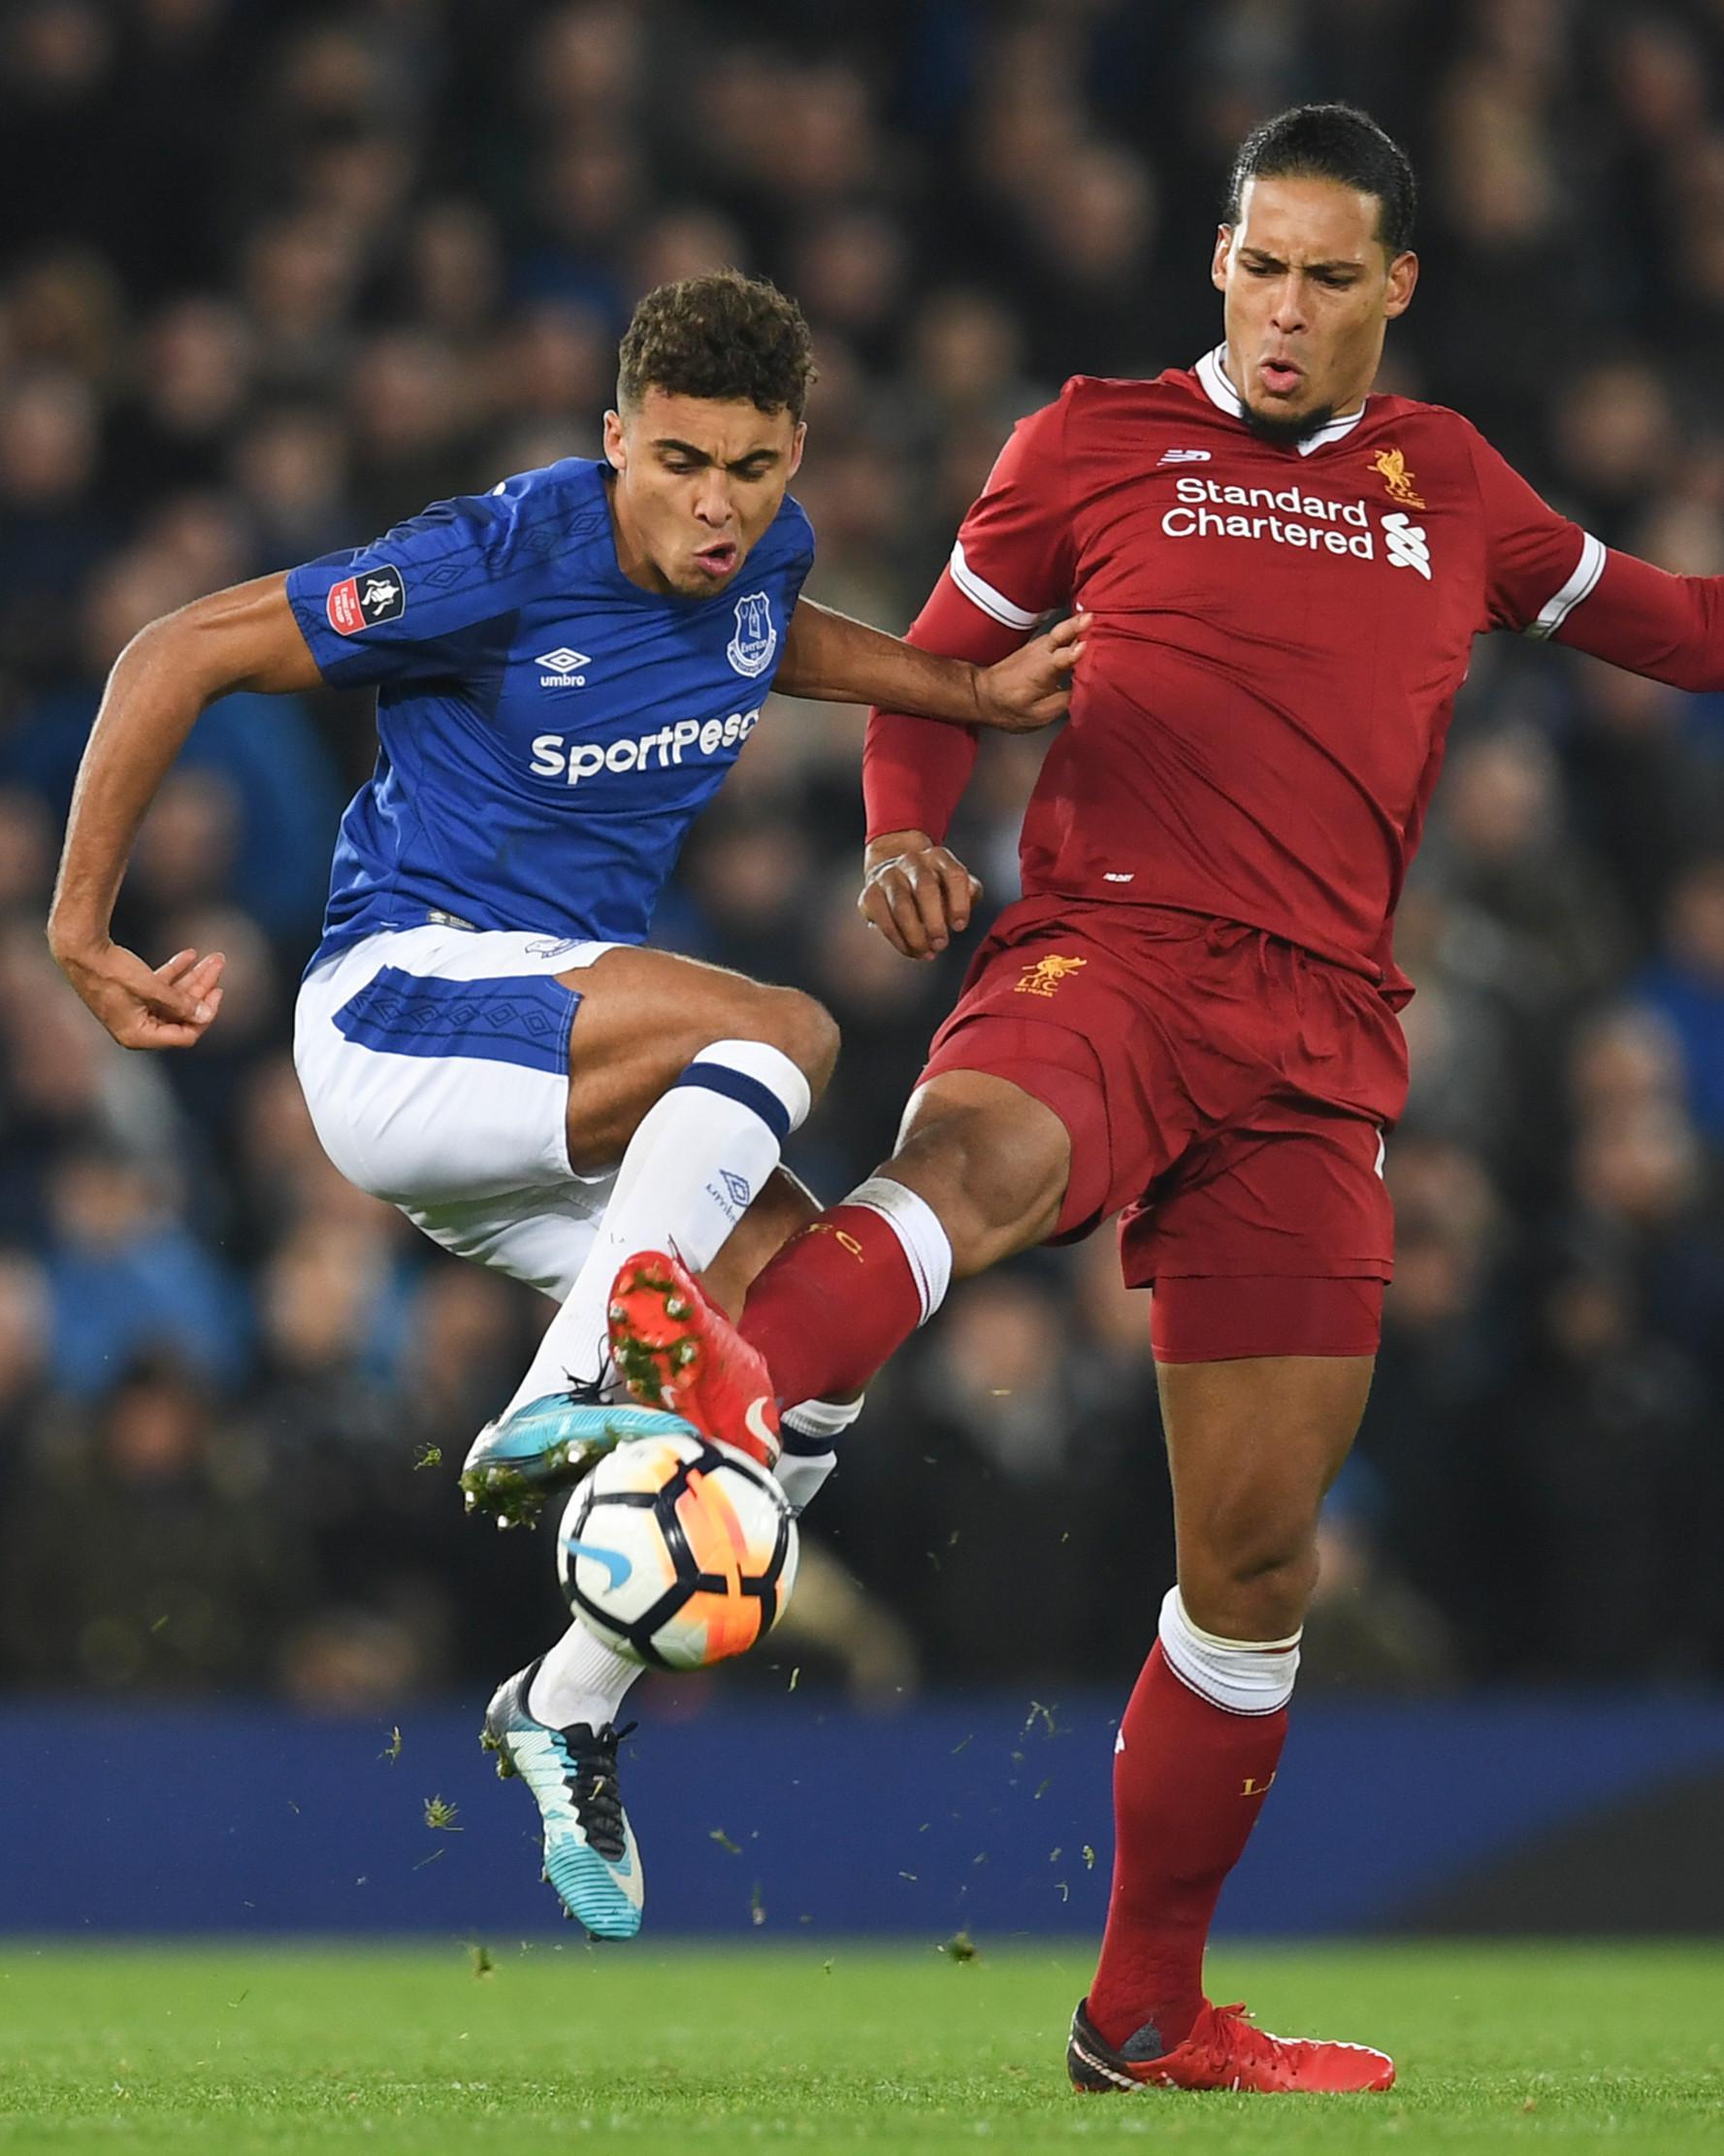 Bek Liverpool, Virgil Van Dijk (kanan) berusaha merebut bola bek Everton, Mason Holgate saat bertanding di Piala FA di Anfield, Inggris (5/1). Liverpool berhak lolos ke babak keempat setelah mengalahkan Everton 2-1. (AFP Photo/Paul Ellis)